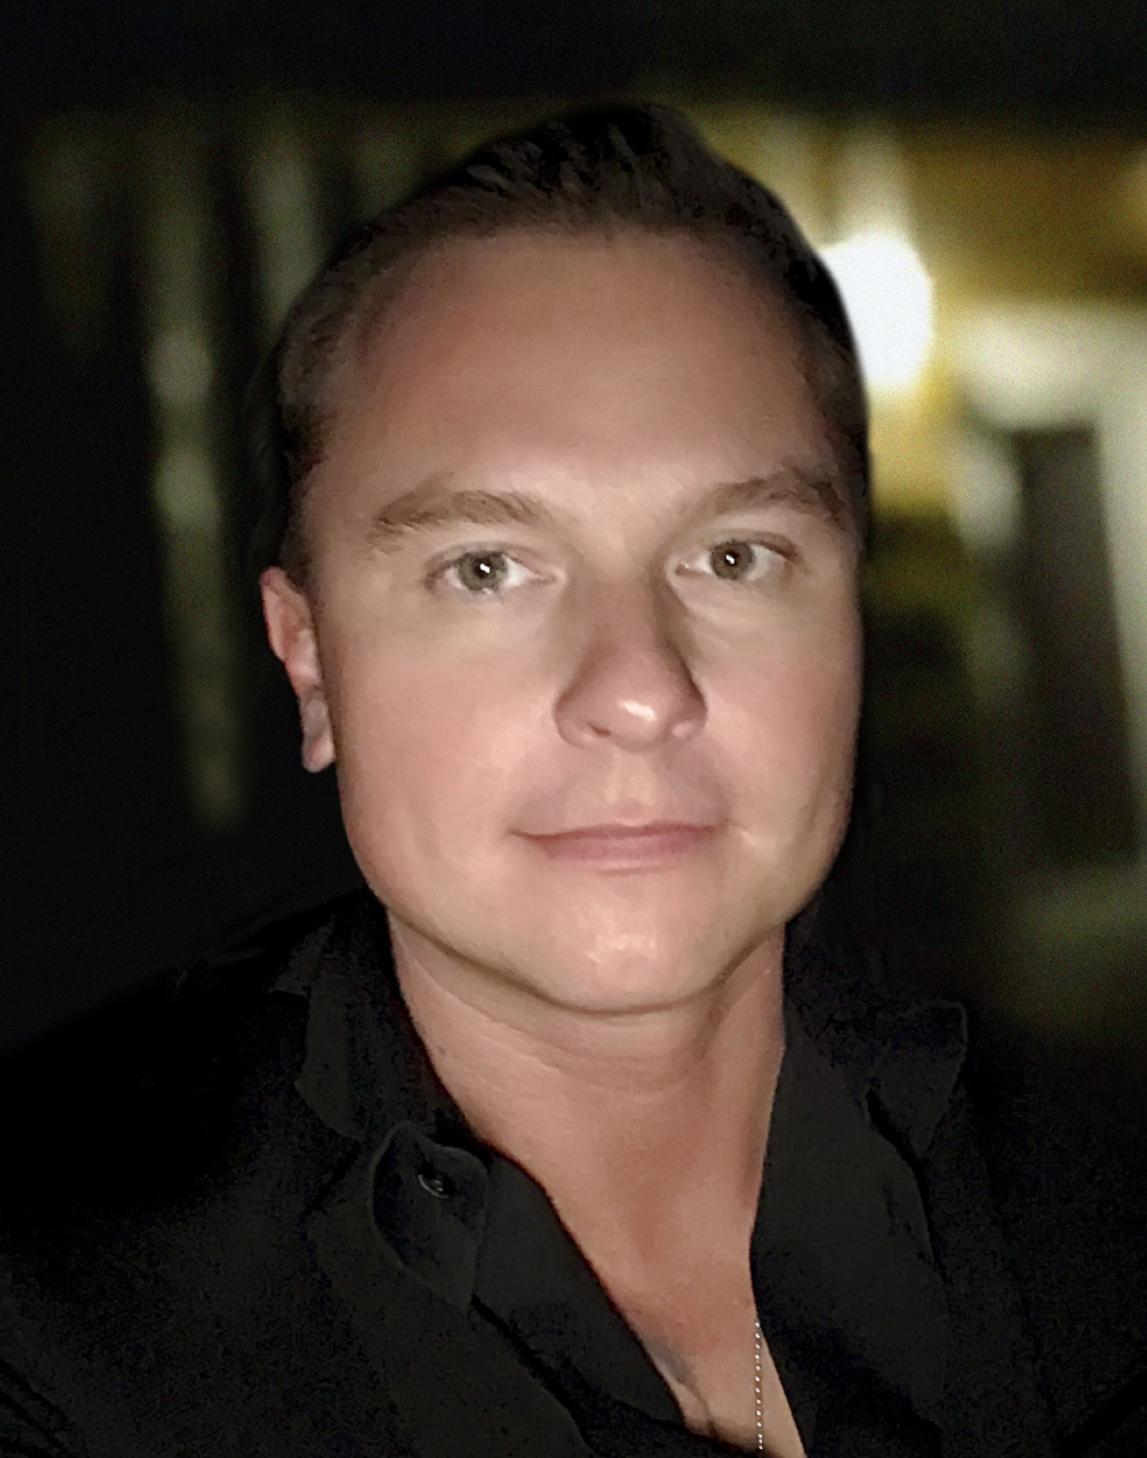 Anton Danilovich